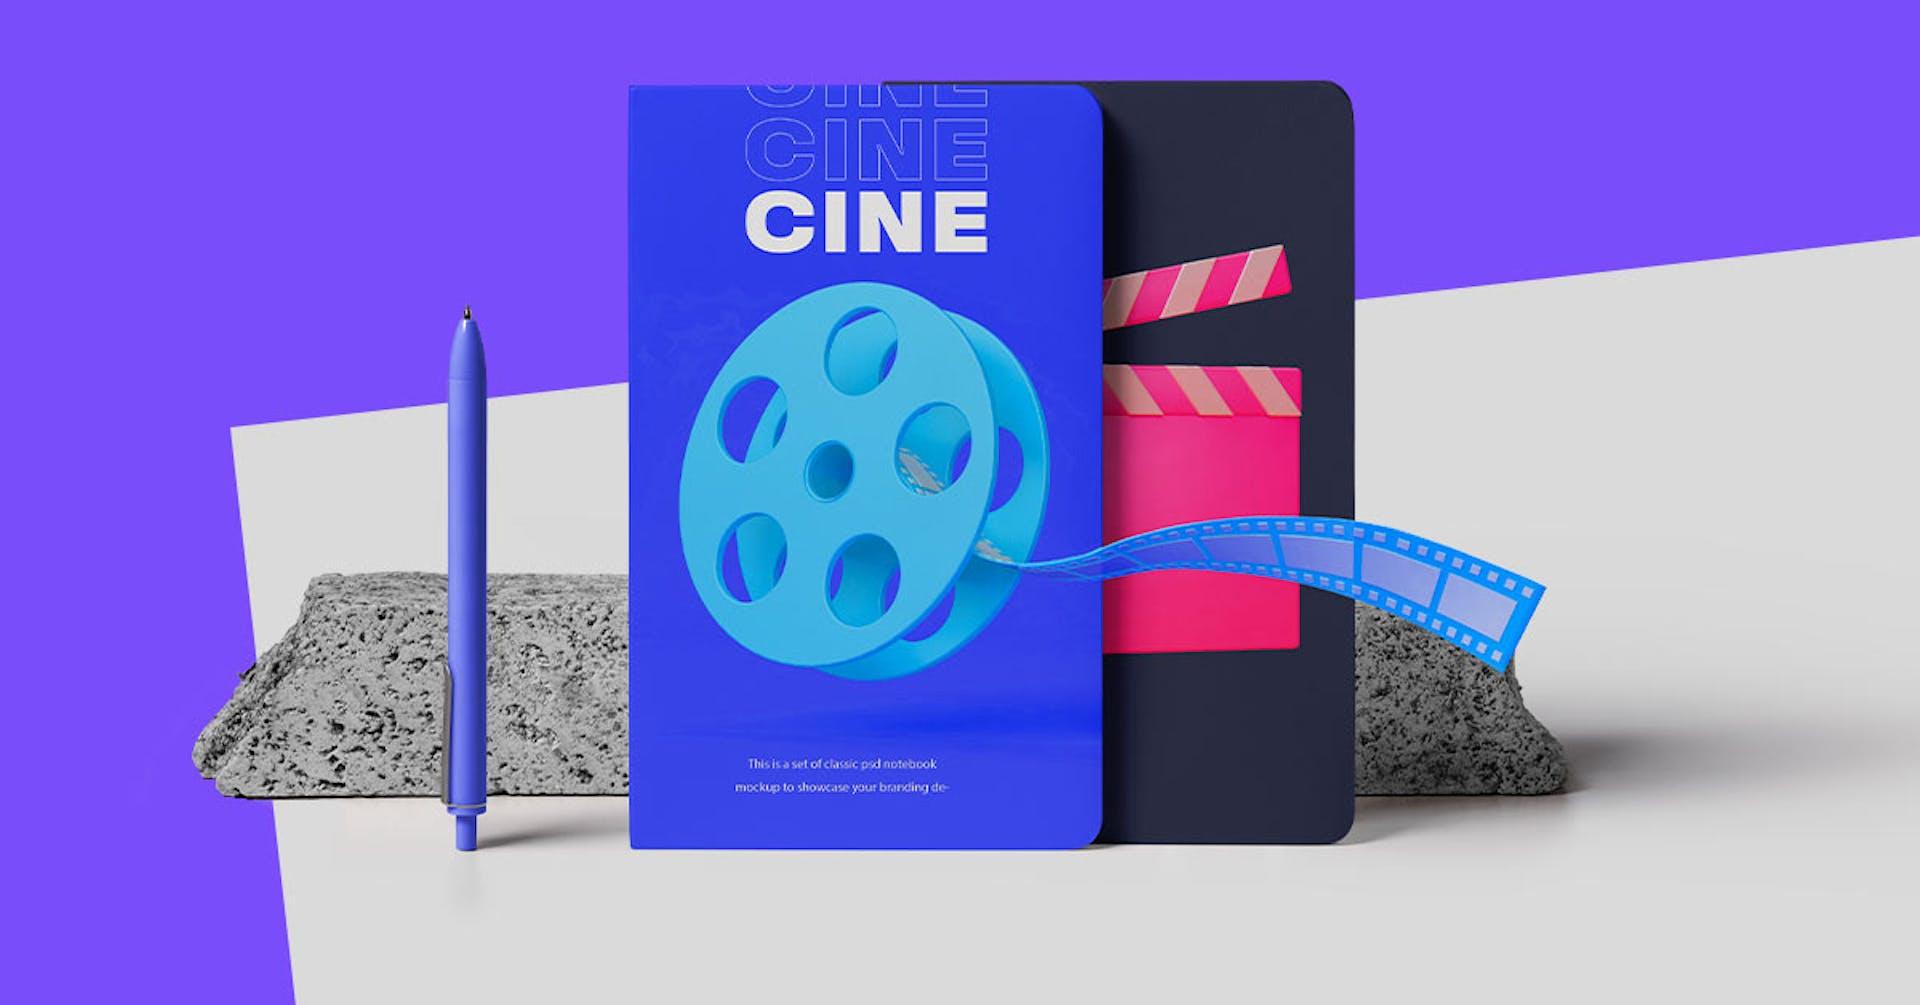 3 livros sobre cinema que você precisa ler!